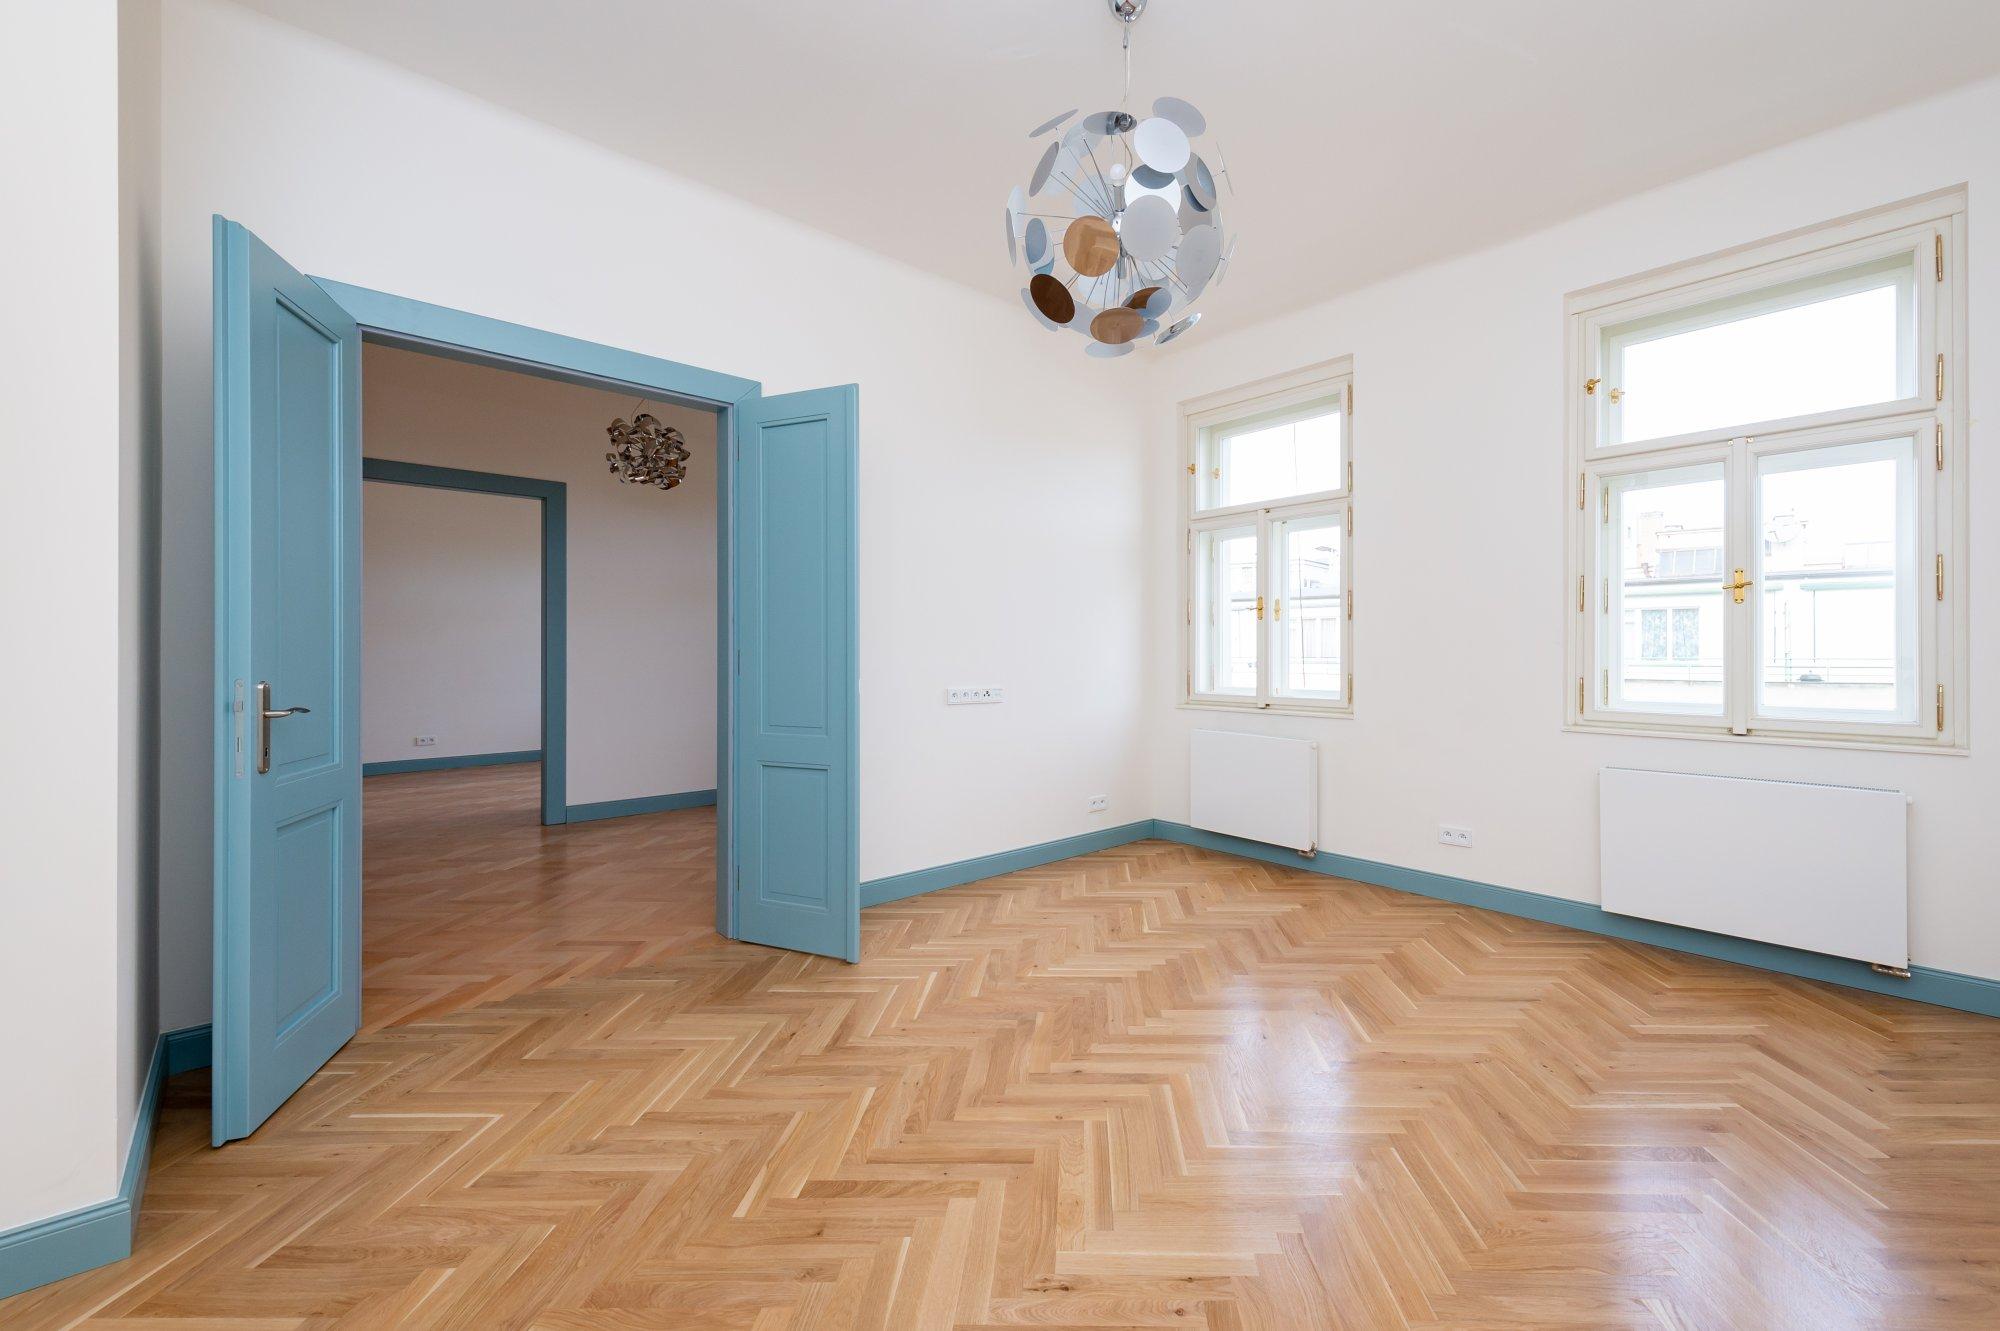 Půdní byt 3+1, plocha 81 m², ulice Petrské náměstí, Praha 1 - Nové Město | 1